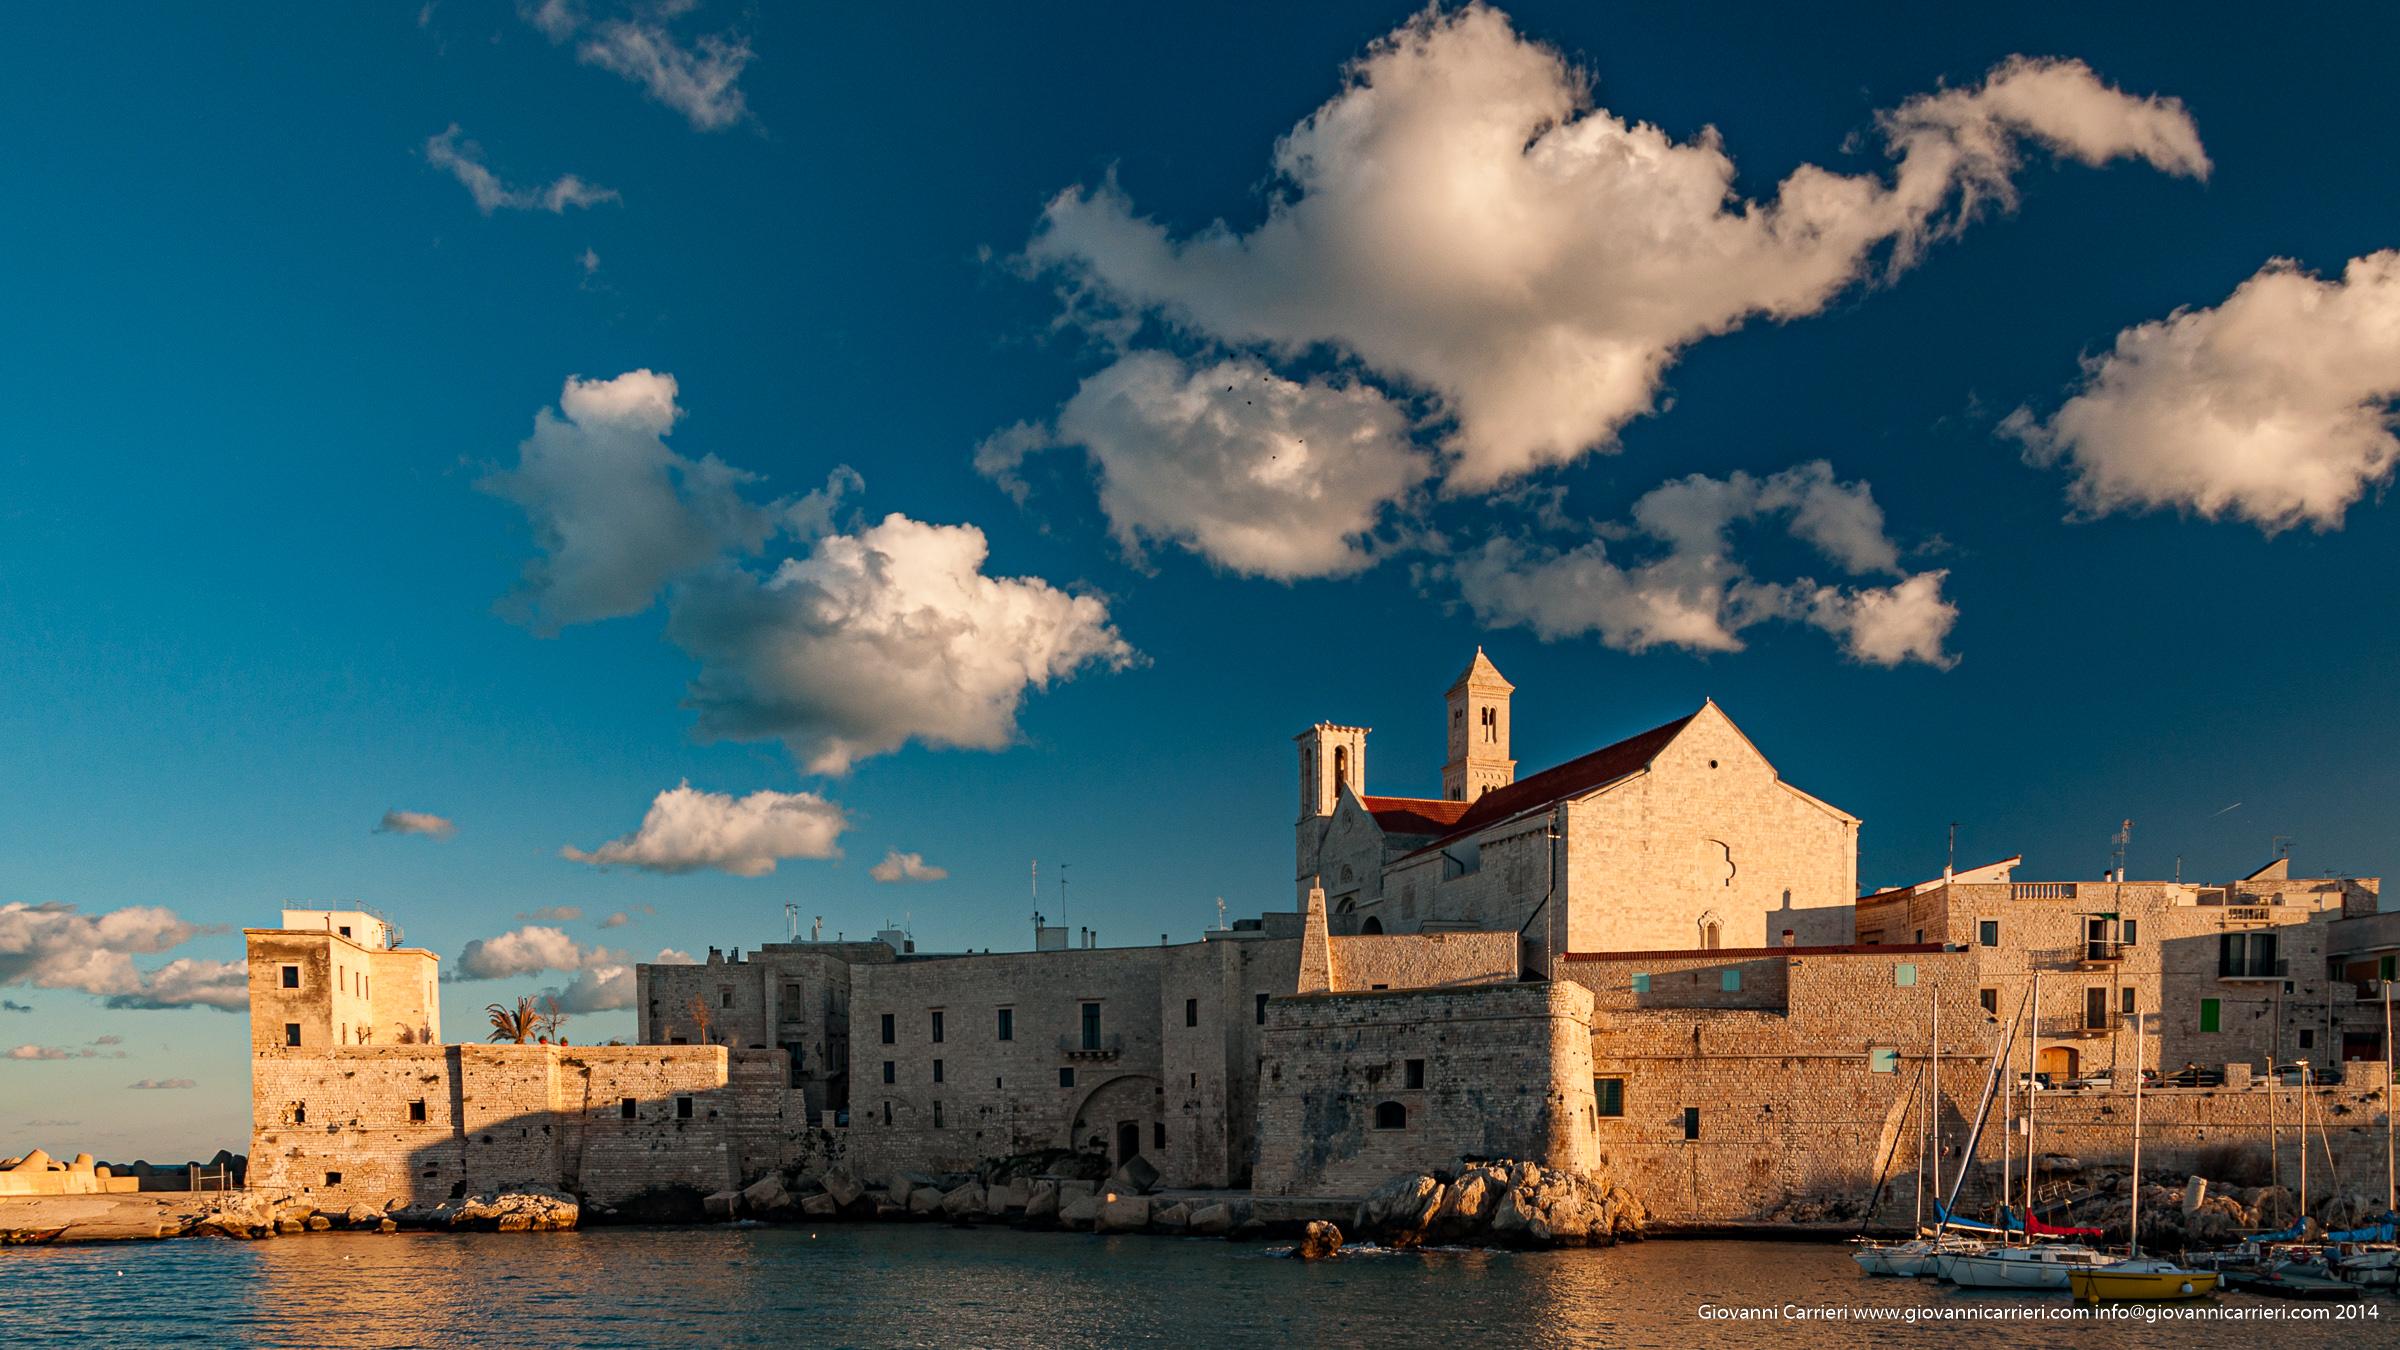 Il centro storico di Giovinazzo, con la troneggiante Cattedrale,  visto dal porto